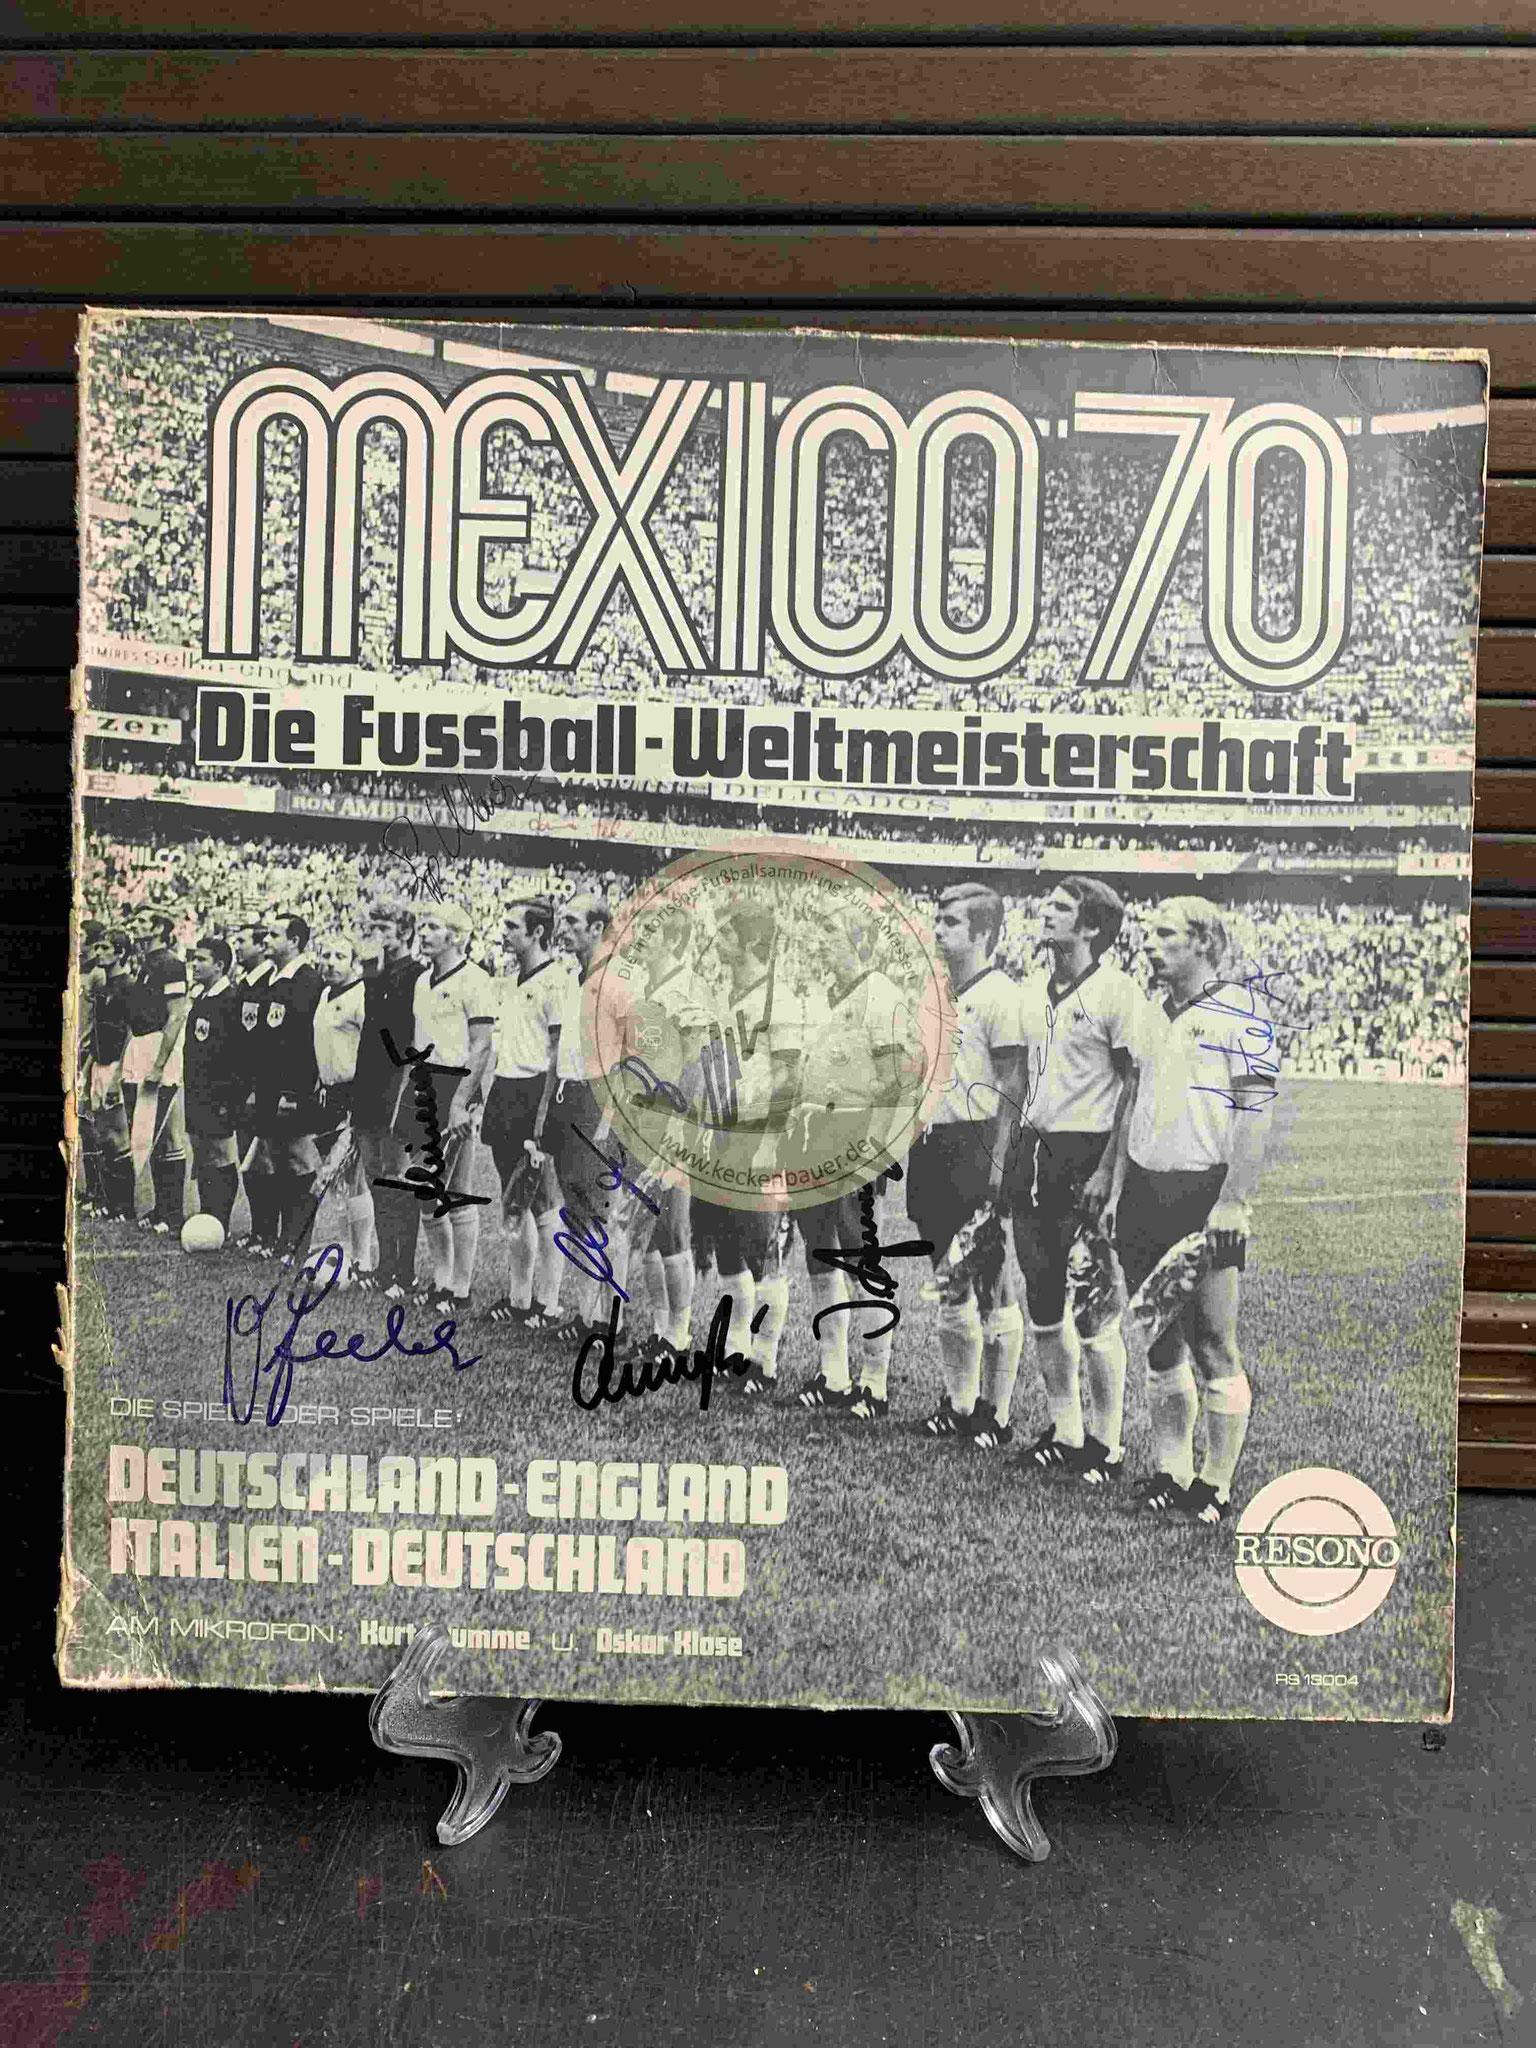 1970 Mexico 70 Die Fussball-Weltmeisterschaft s/w Kadersigniert